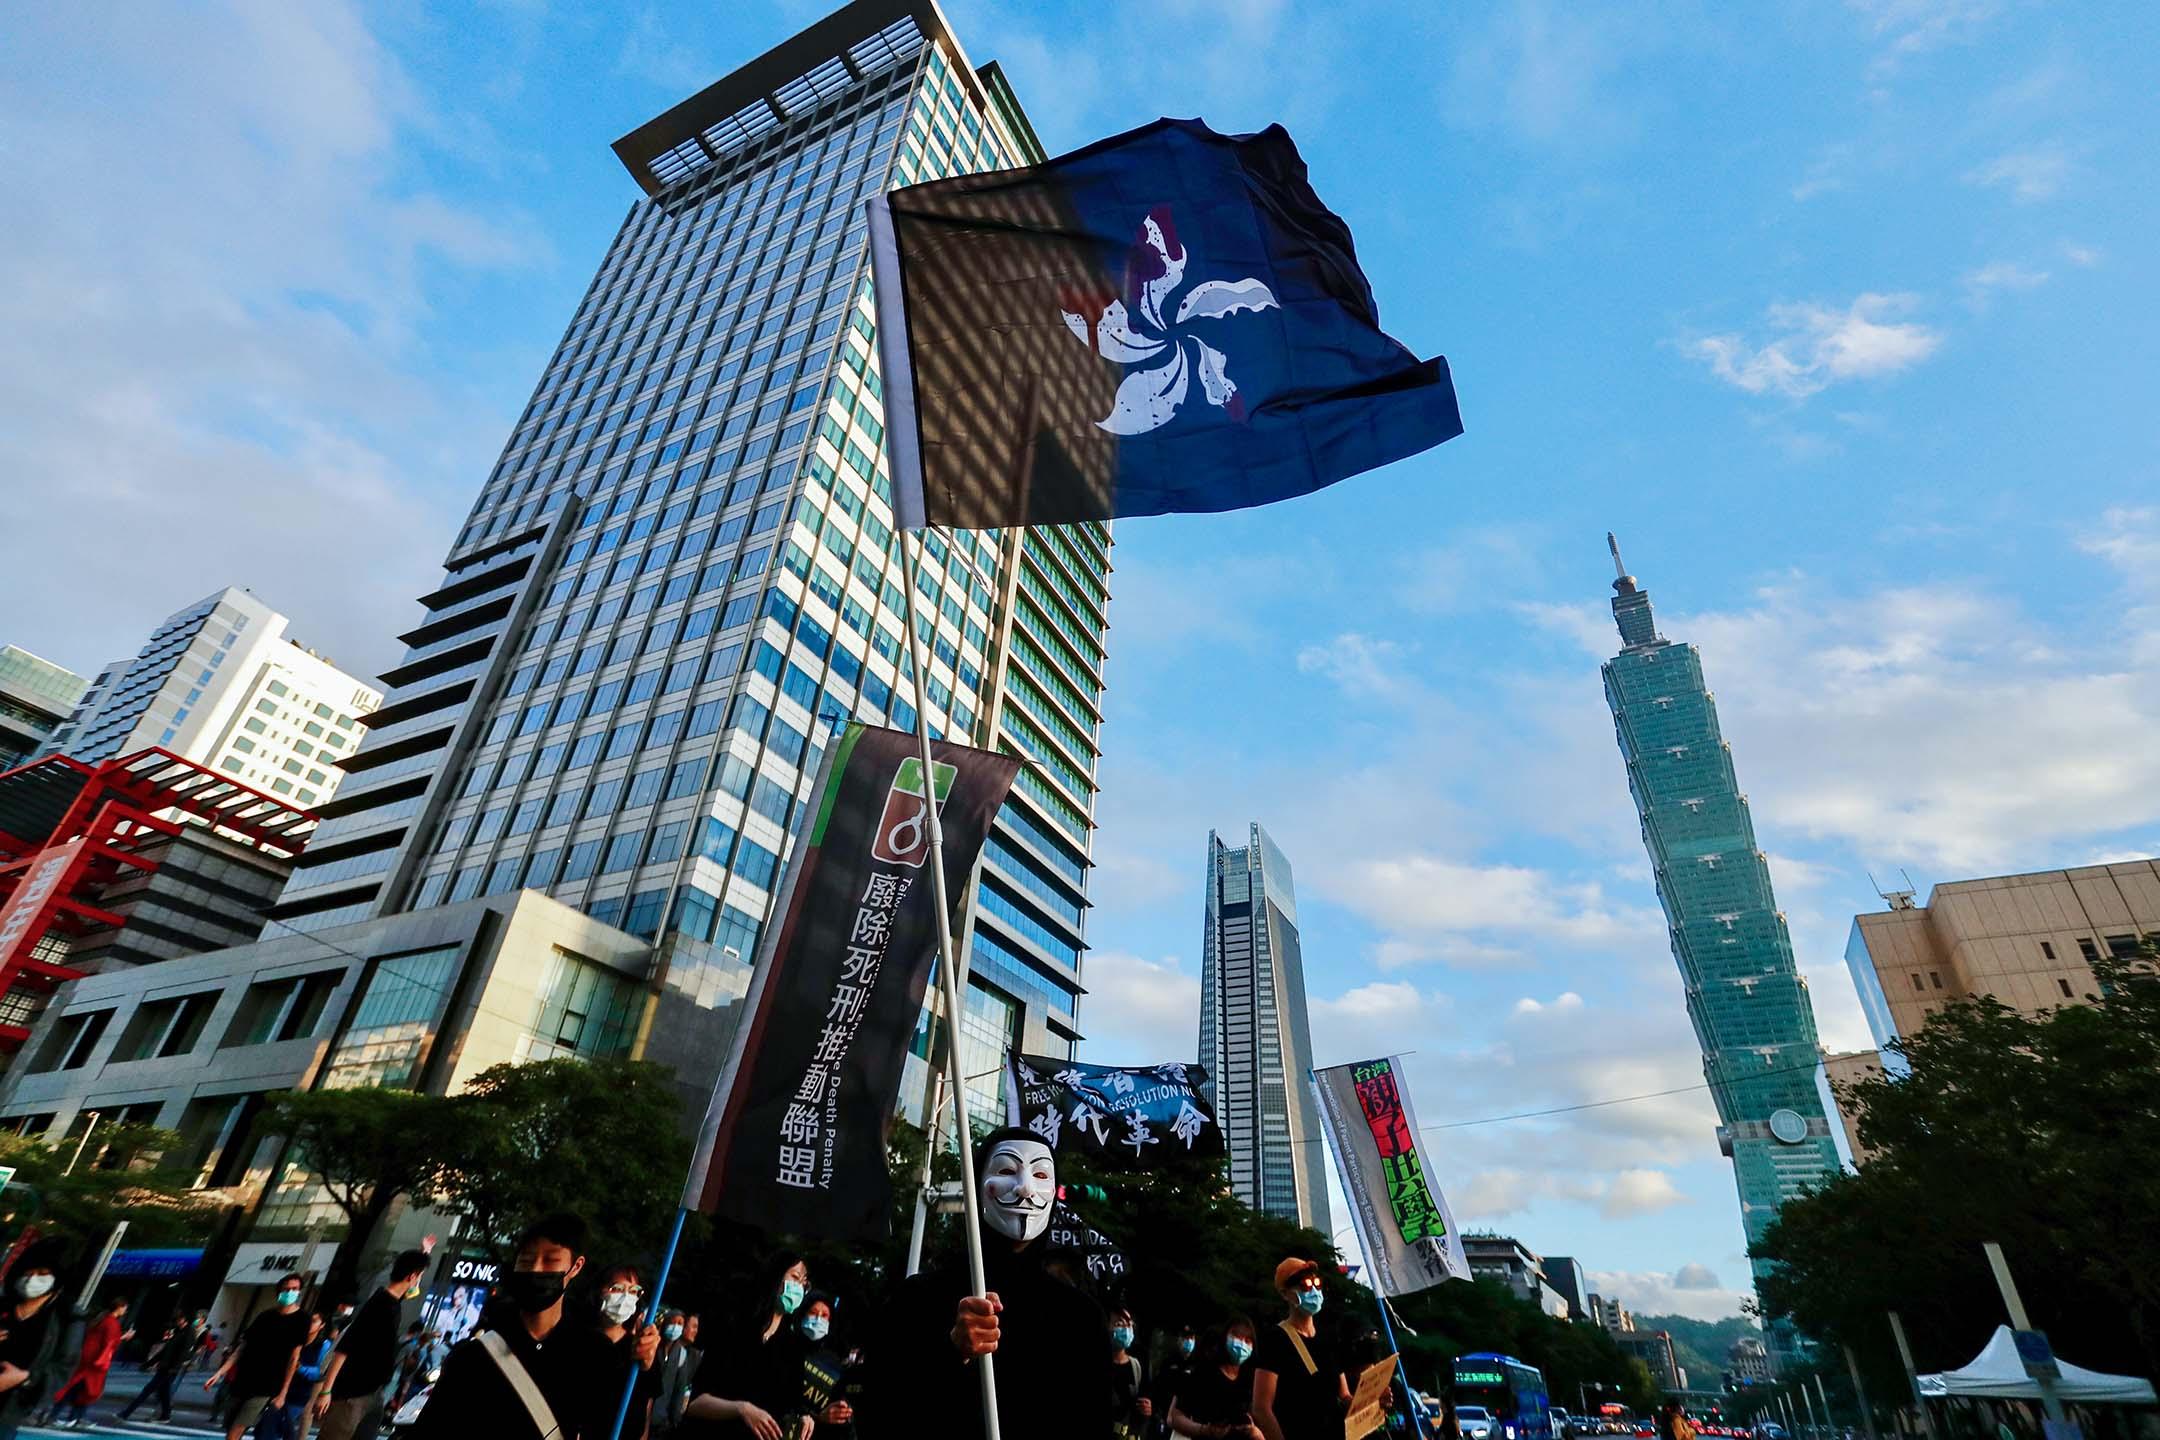 2020年10月25日台北,示威者身穿黑衣,手持標語和香港獨立旗幟,高喊口號,要求釋放被中國執法人員逮捕的12名香港人,他們遊行到香港經濟貿易文化辦事處附近結束遊行。 攝:Ceng Shou Yi/NurPhoto via Getty Images